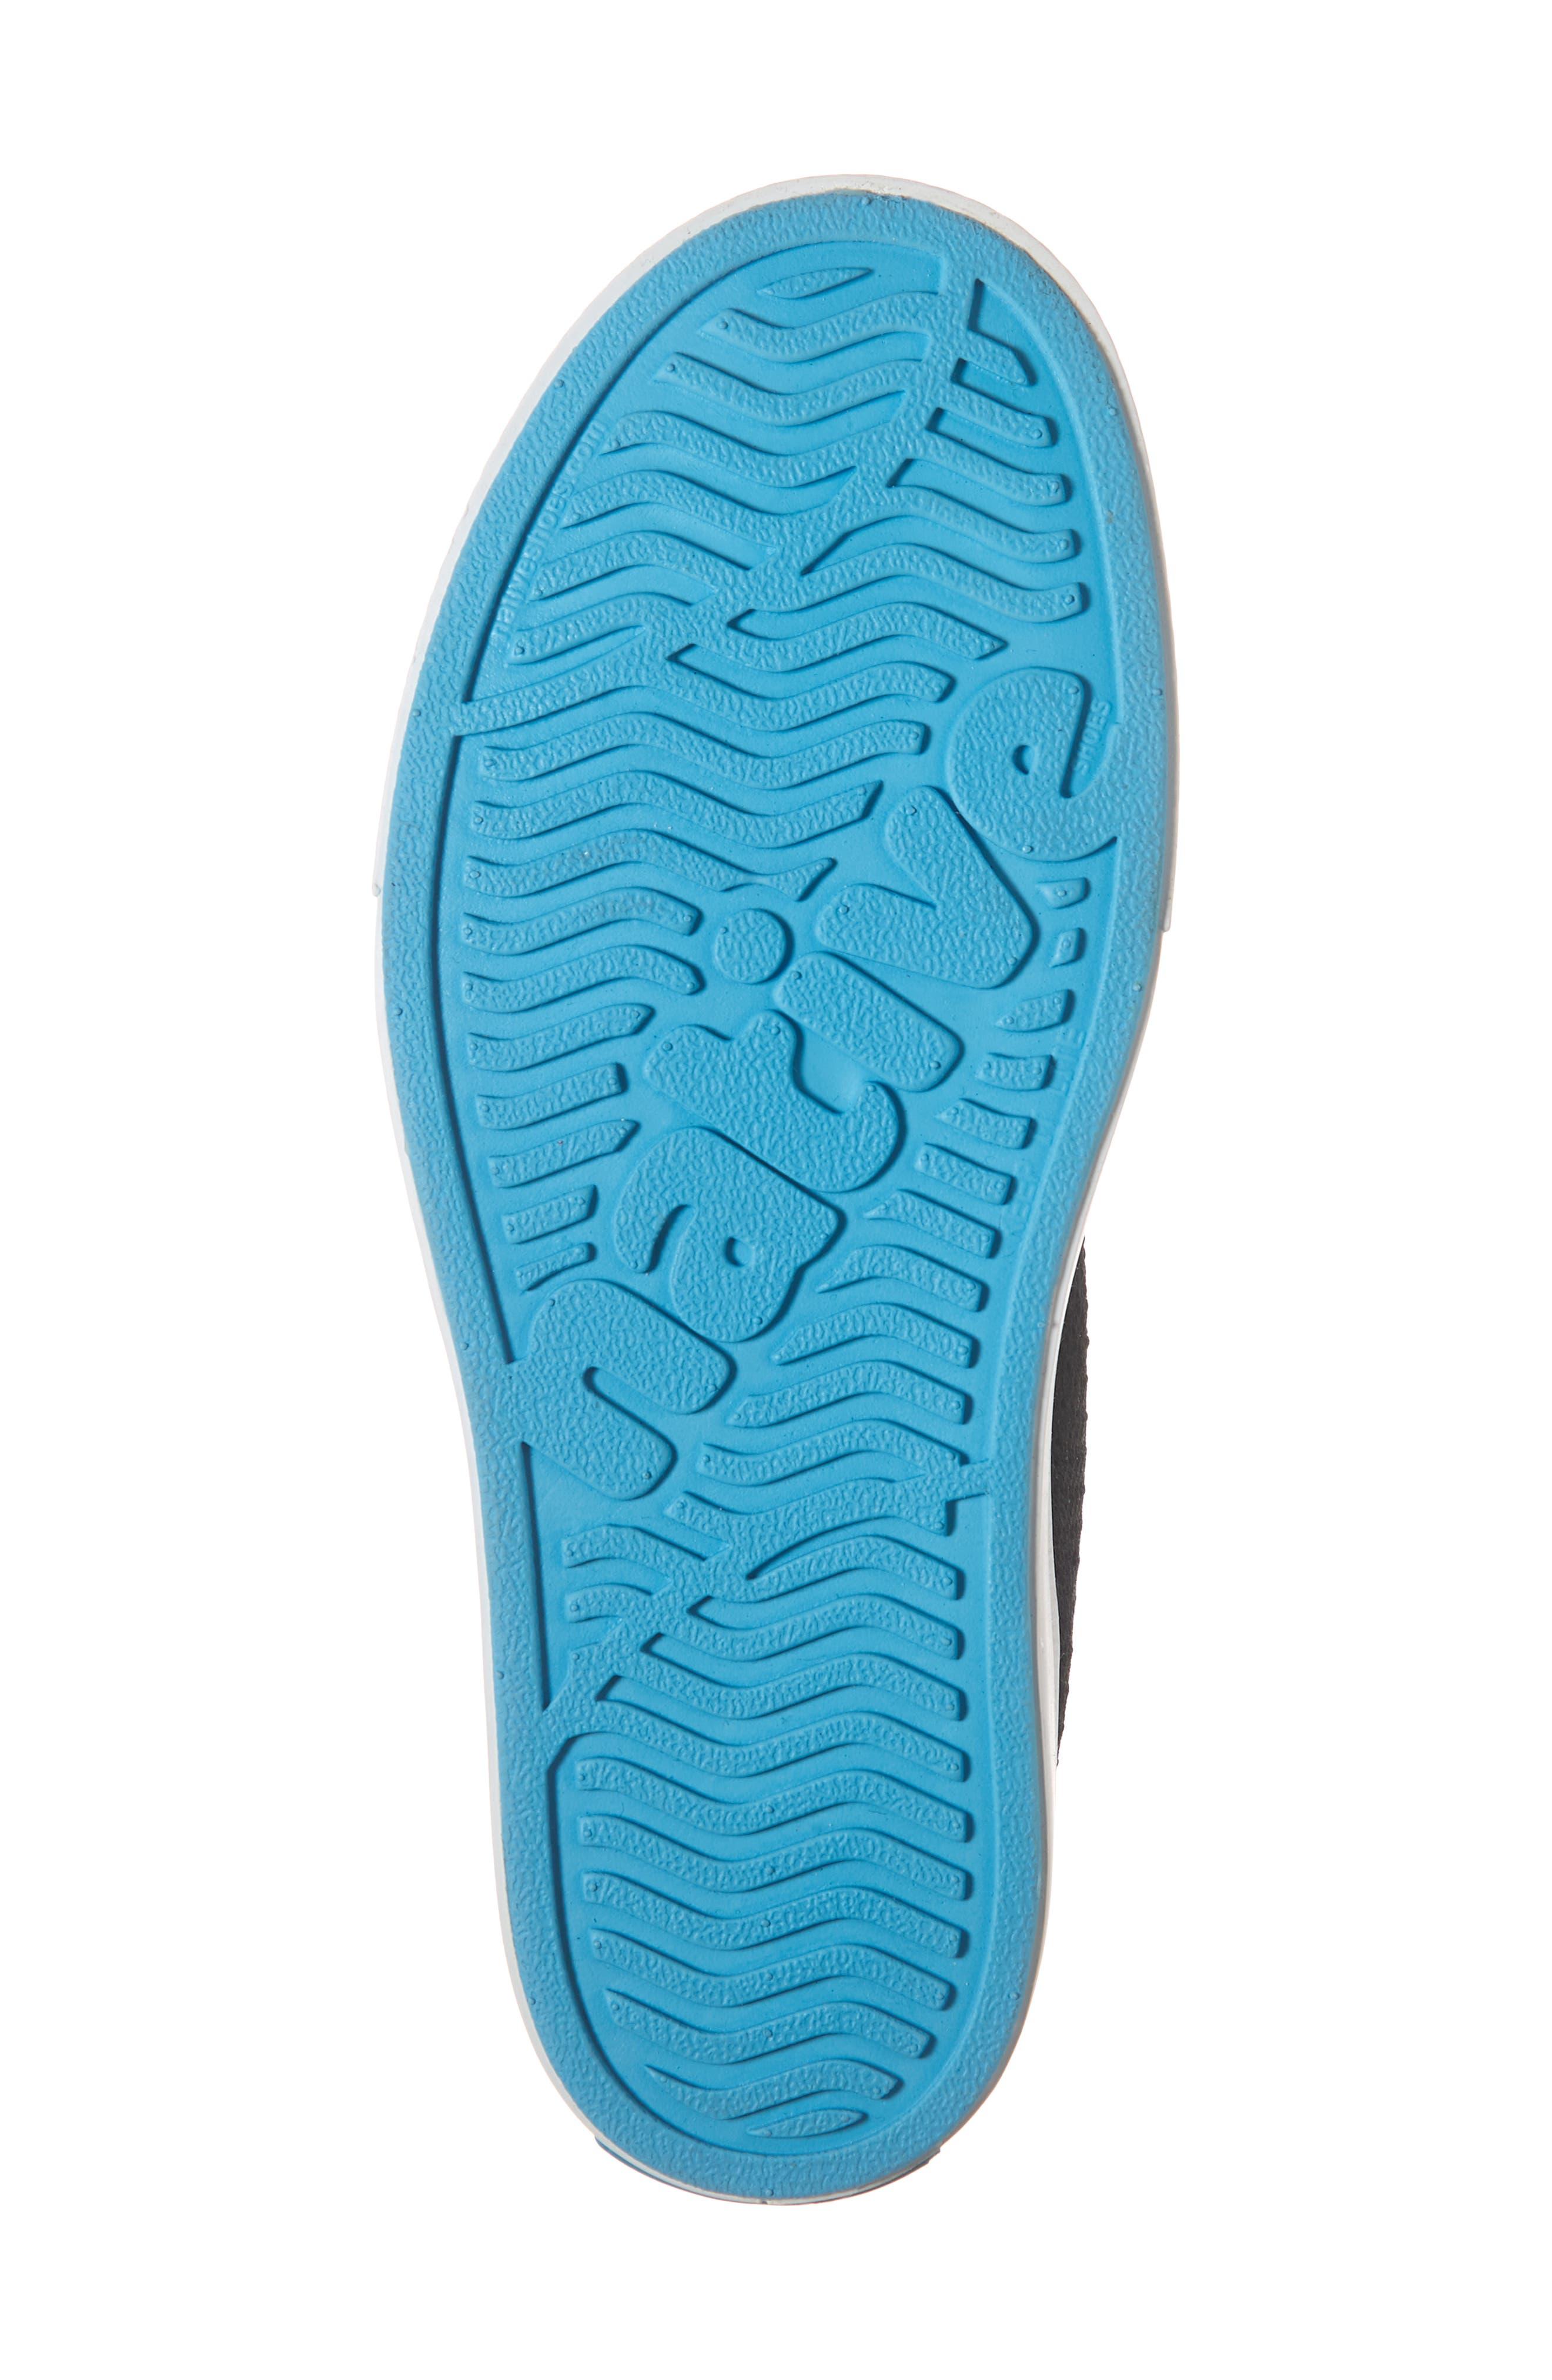 Jefferson 2.0 LiteKnit Vegan High Top Sneaker,                             Alternate thumbnail 6, color,                             JIFFY BLACK/ SHELL WHITE